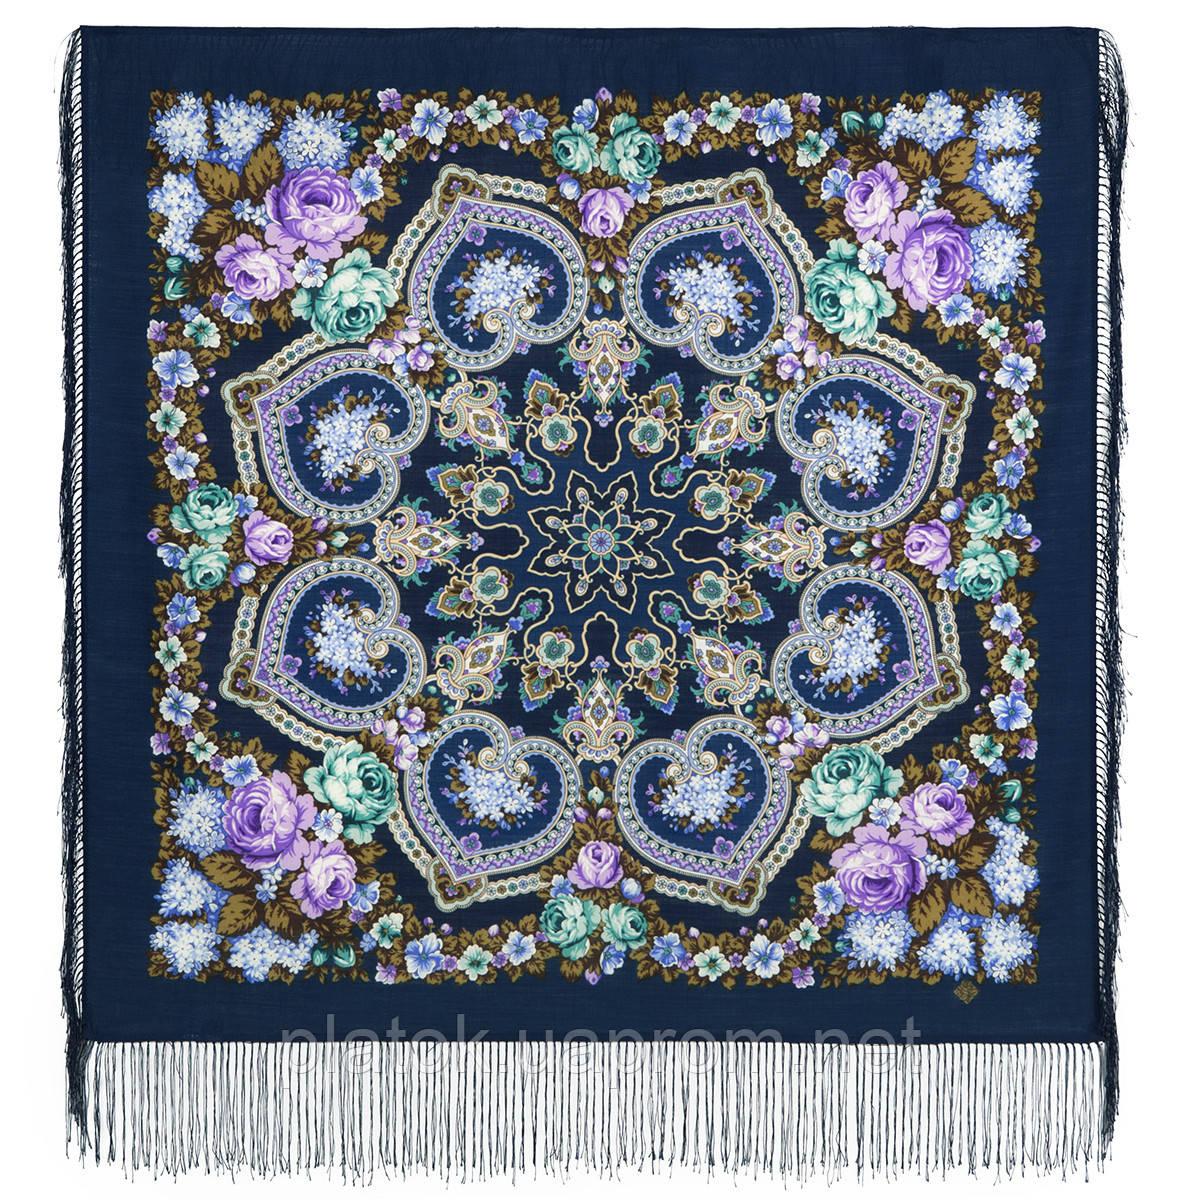 Домашний очаг 1829-14, павлопосадский платок шерстяной  с шелковой бахромой